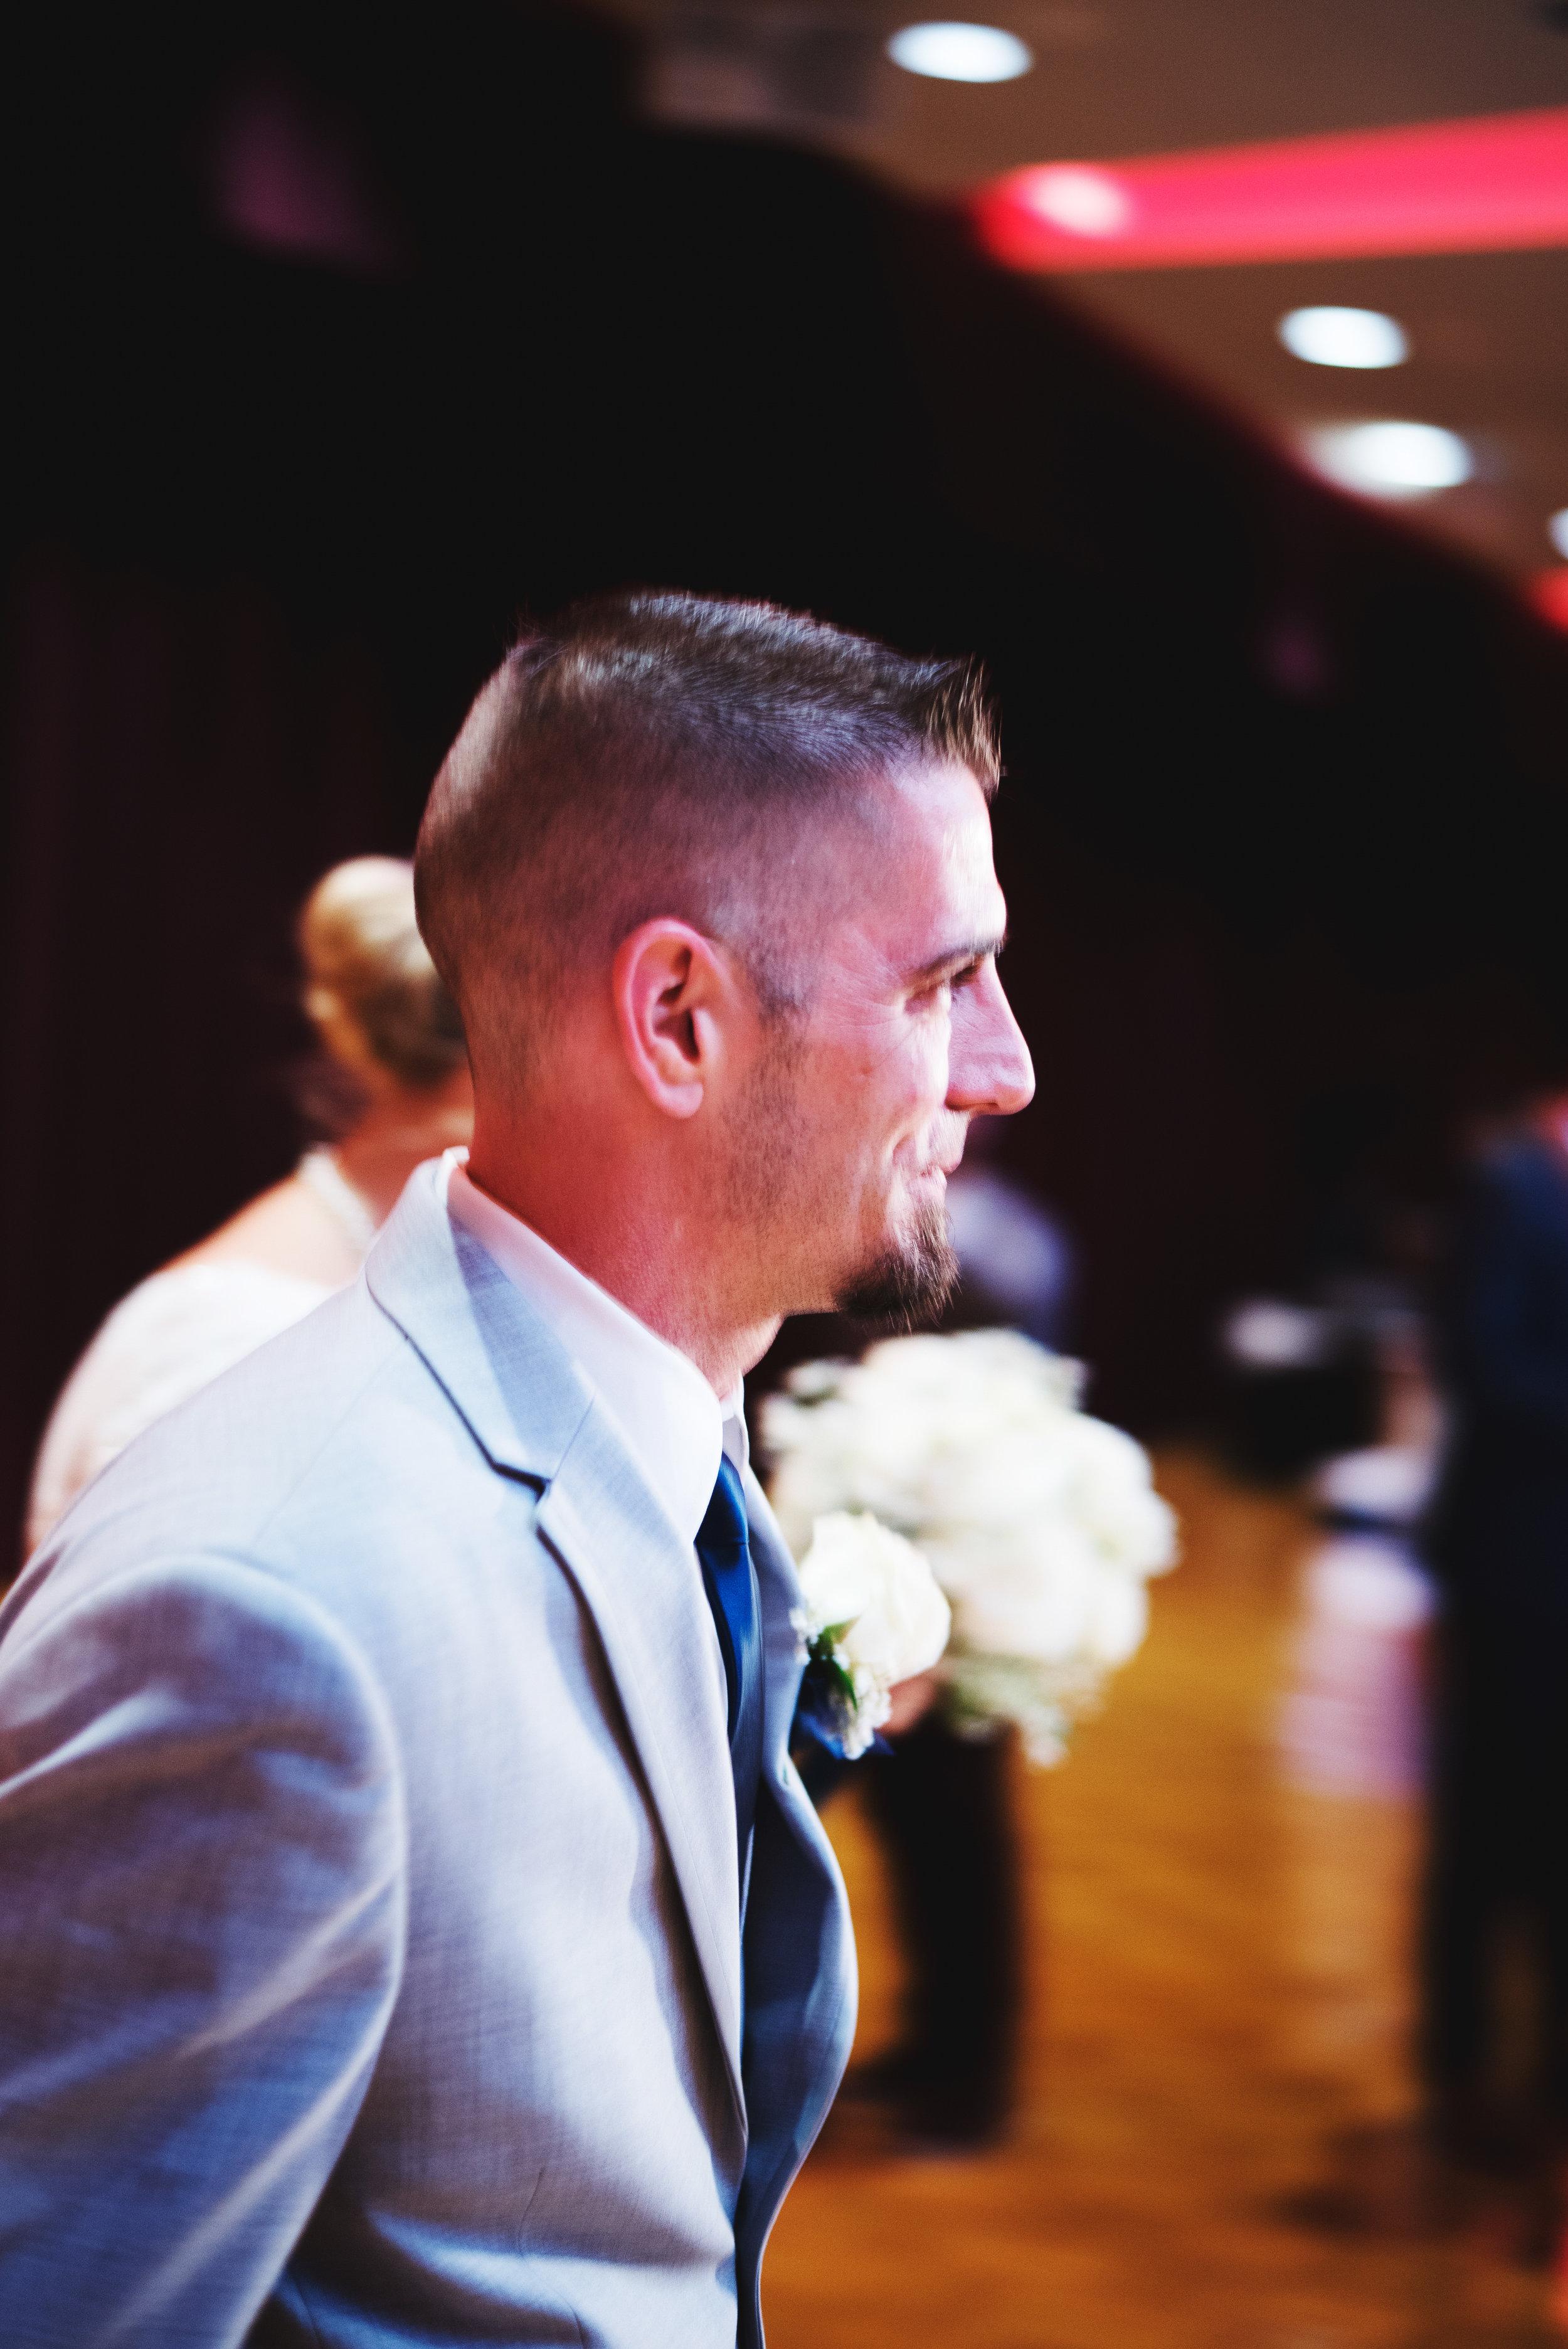 King-Northern-Illinois-University-Wedding098.jpg